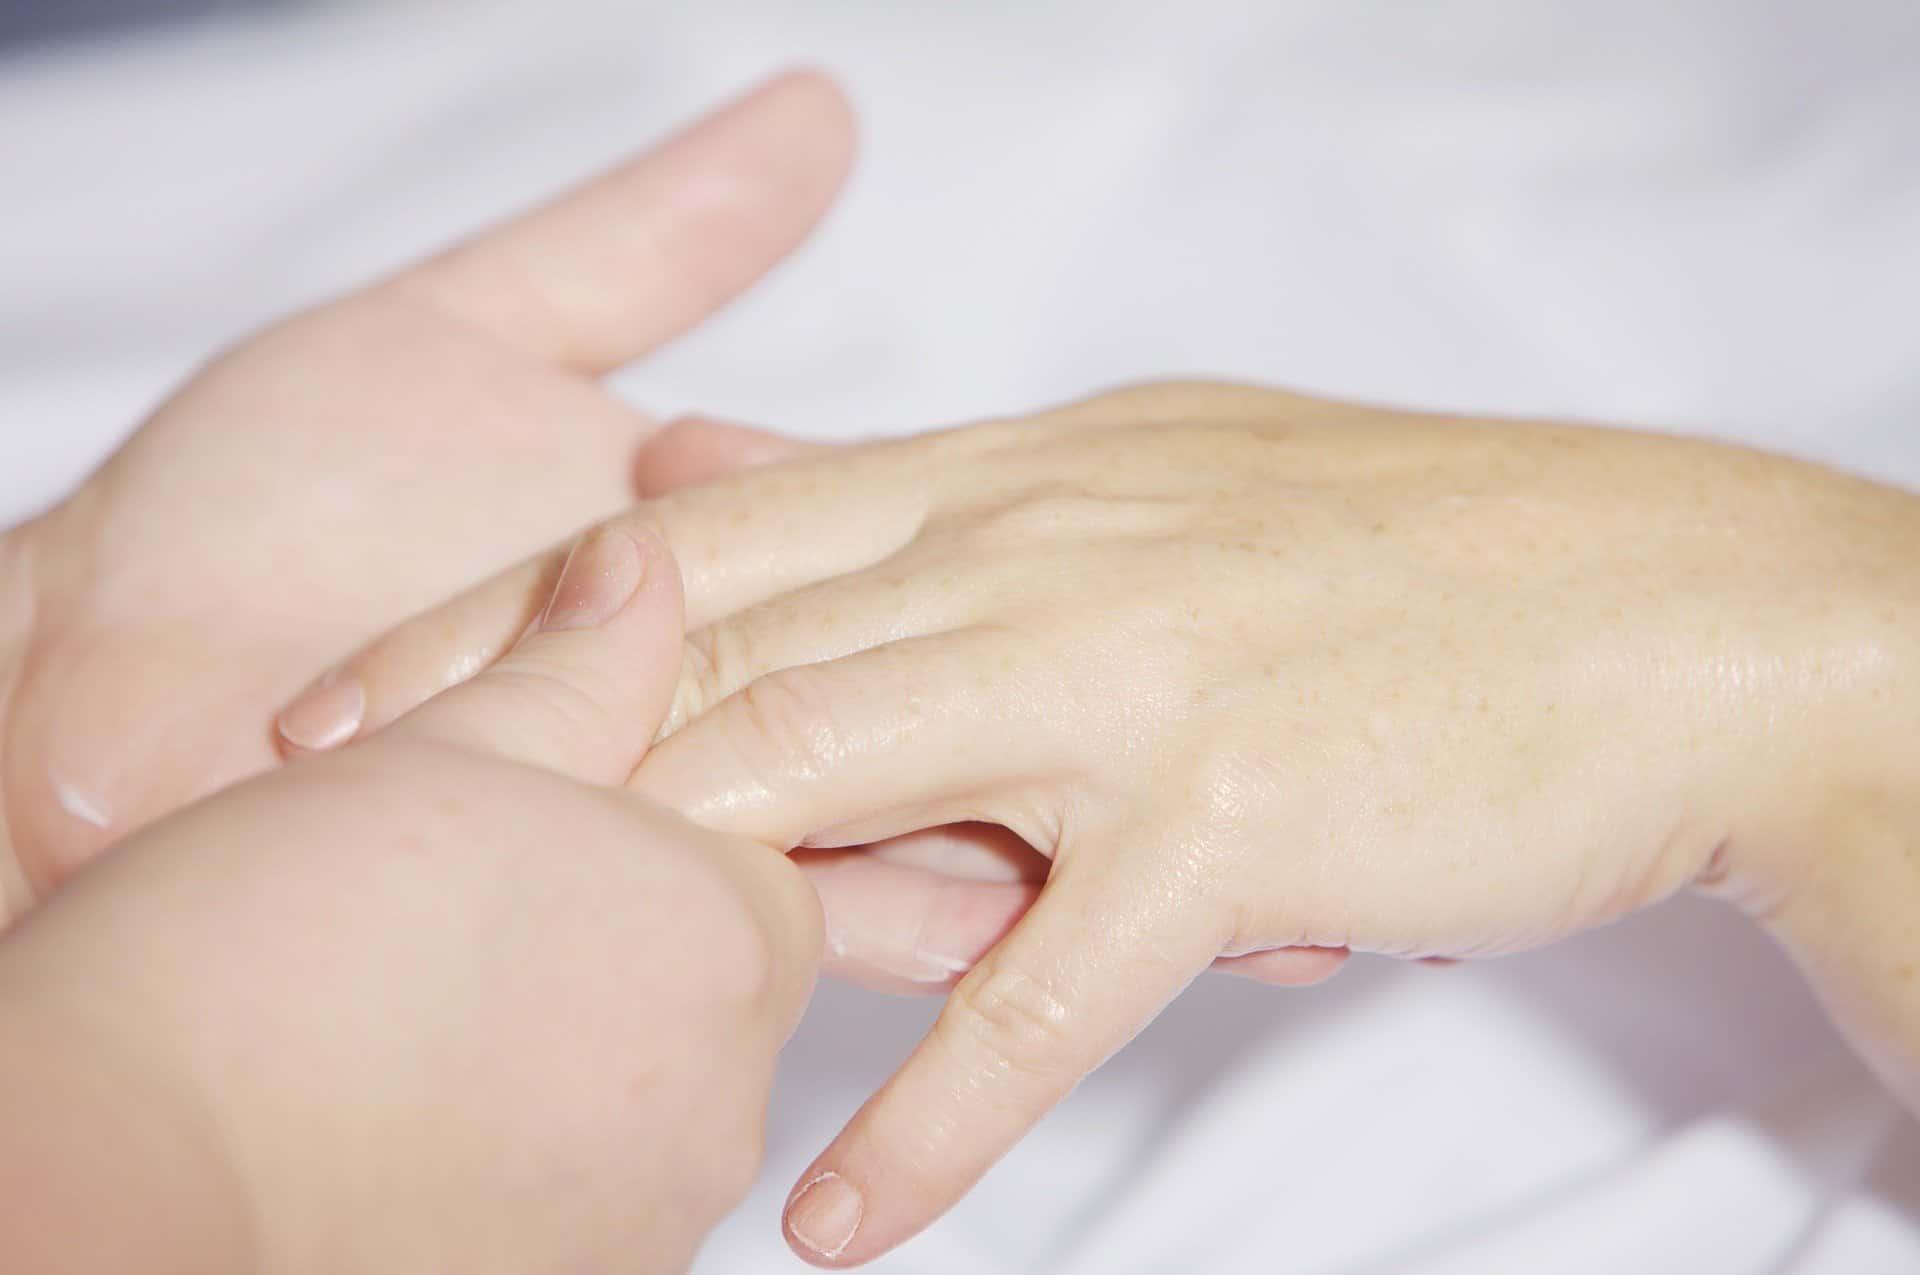 hand-massage-2133272_1920